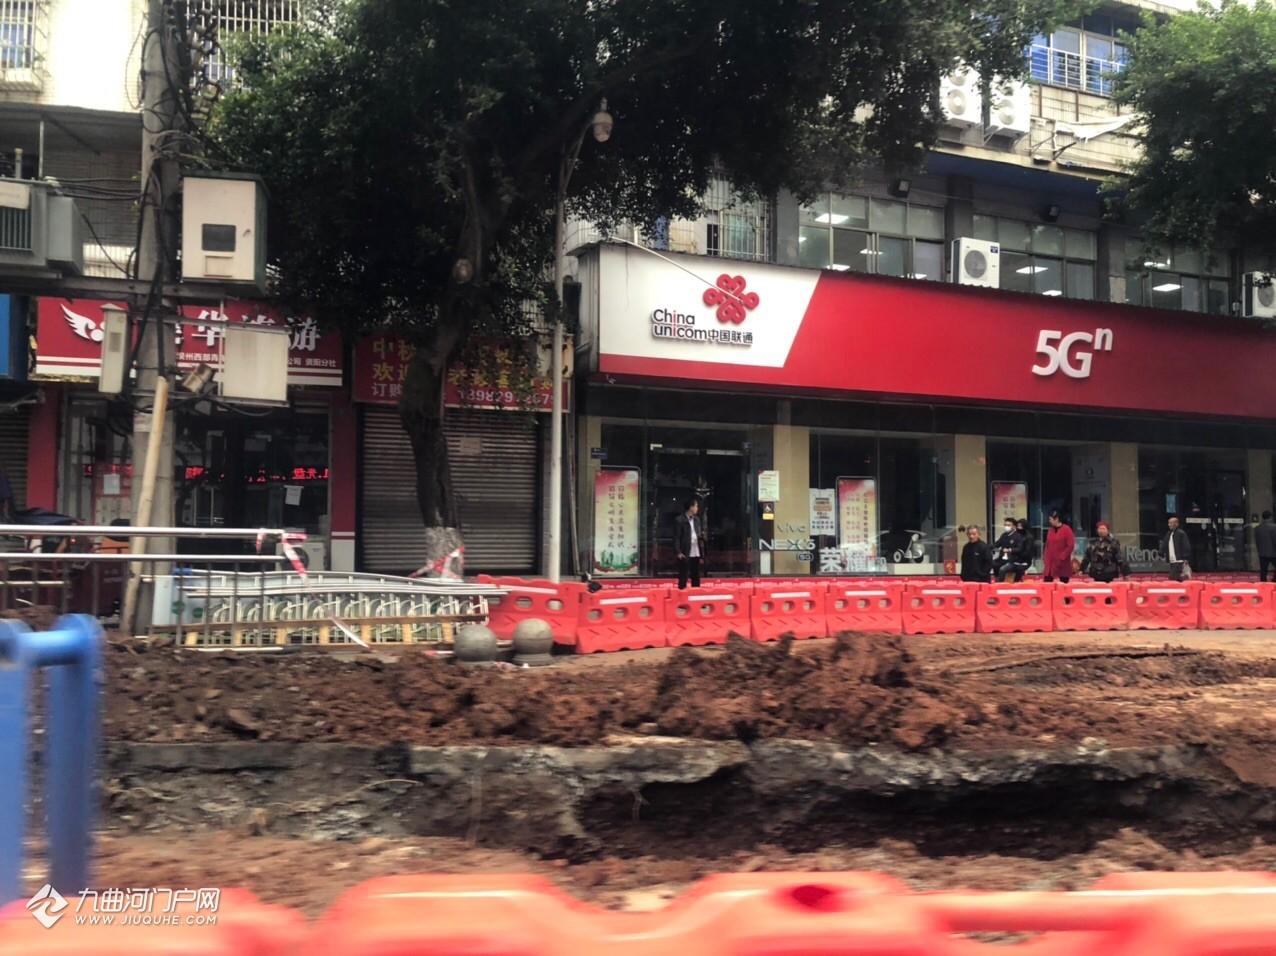 资阳外西街的道路改造已经到了原海峡转盘的位置,挖得还蛮深!